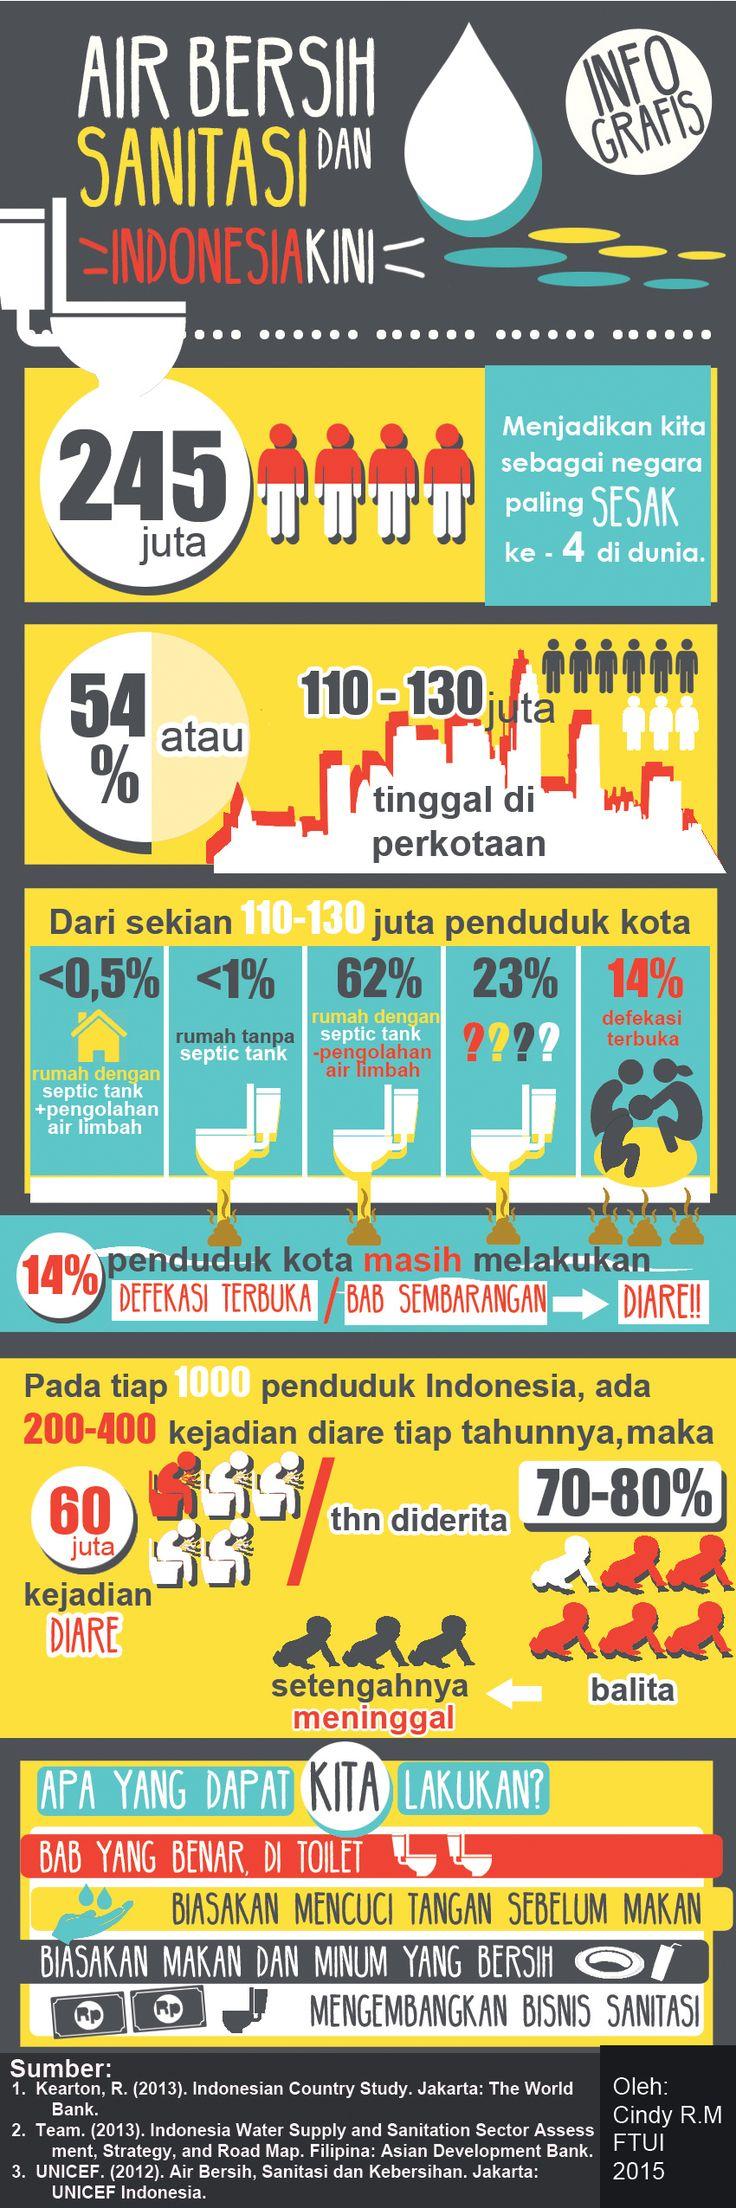 Infografis: Air Bersih dan Sanitasi Indonesia Kini